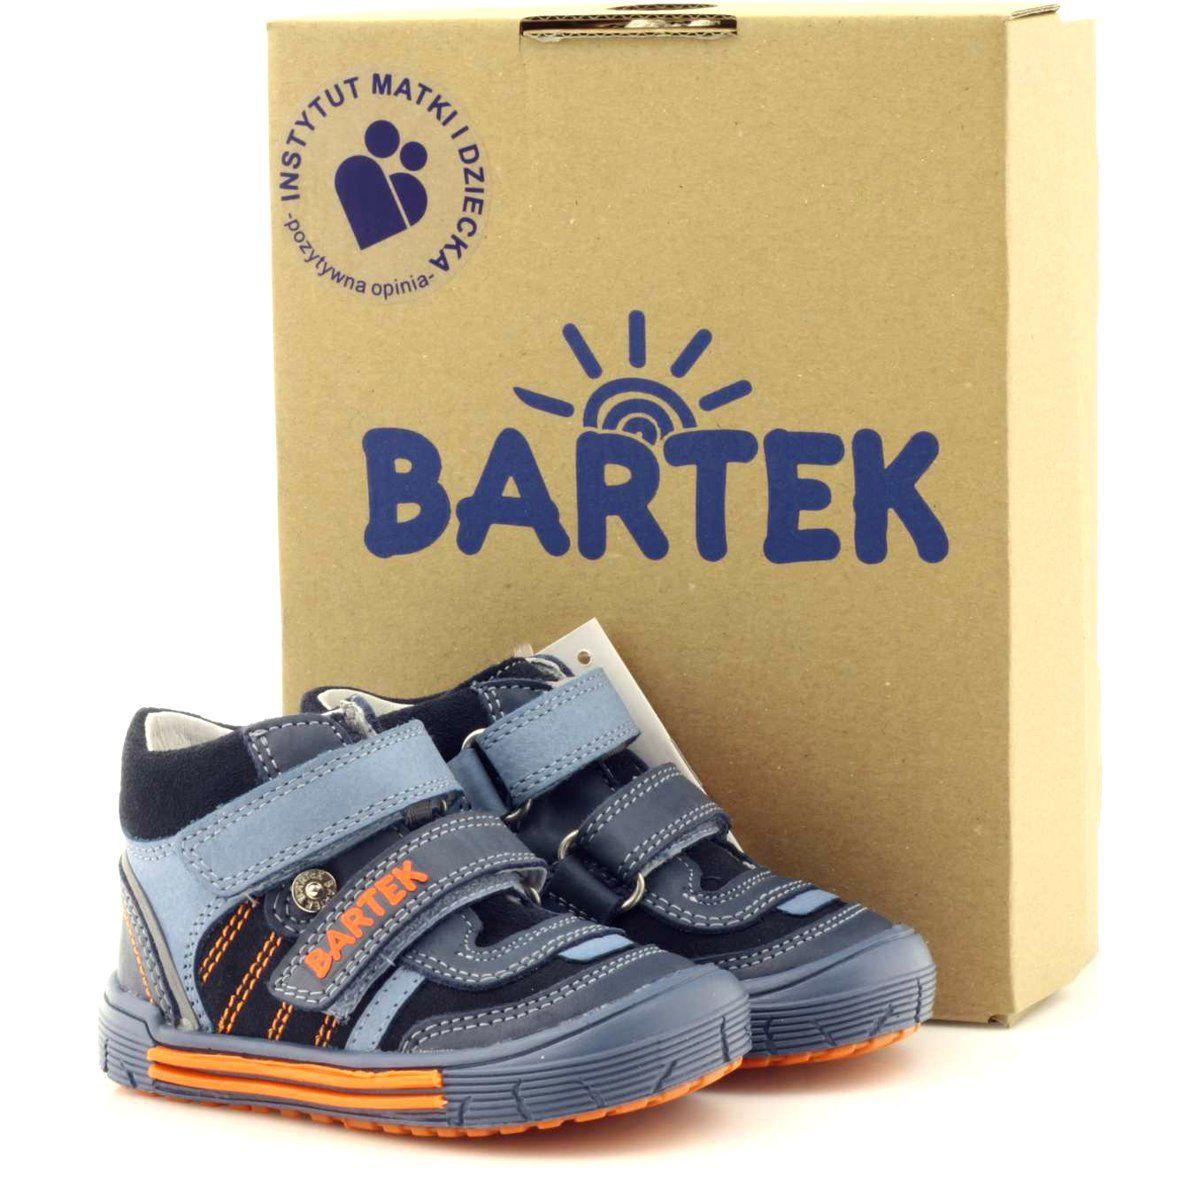 Polbuty I Trzewiki Dzieciece Dla Dzieci Bartek Pomaranczowe Niebieskie Trzewiki Chlopiece Bartek 61427 Granatowe Dc Sneaker Sneakers Shoes